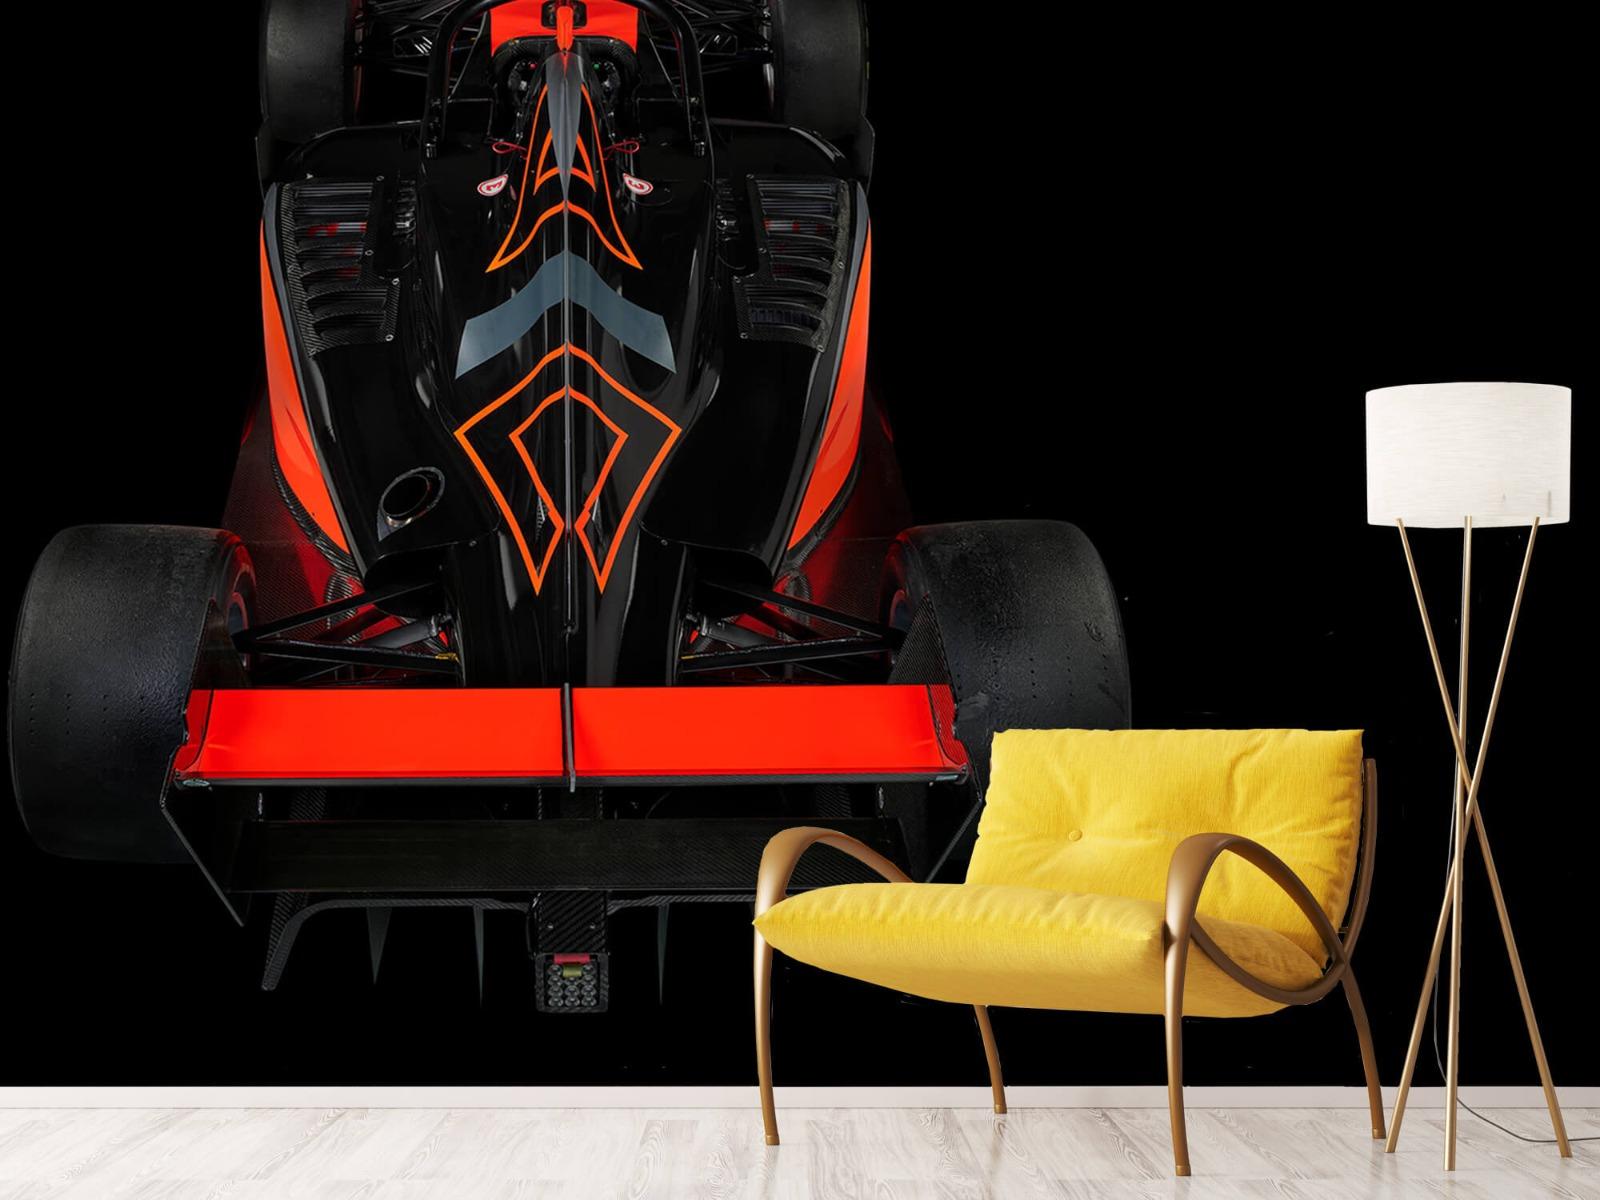 Sportauto's - Formule 3 - Rear view - dark - Tienerkamer 10